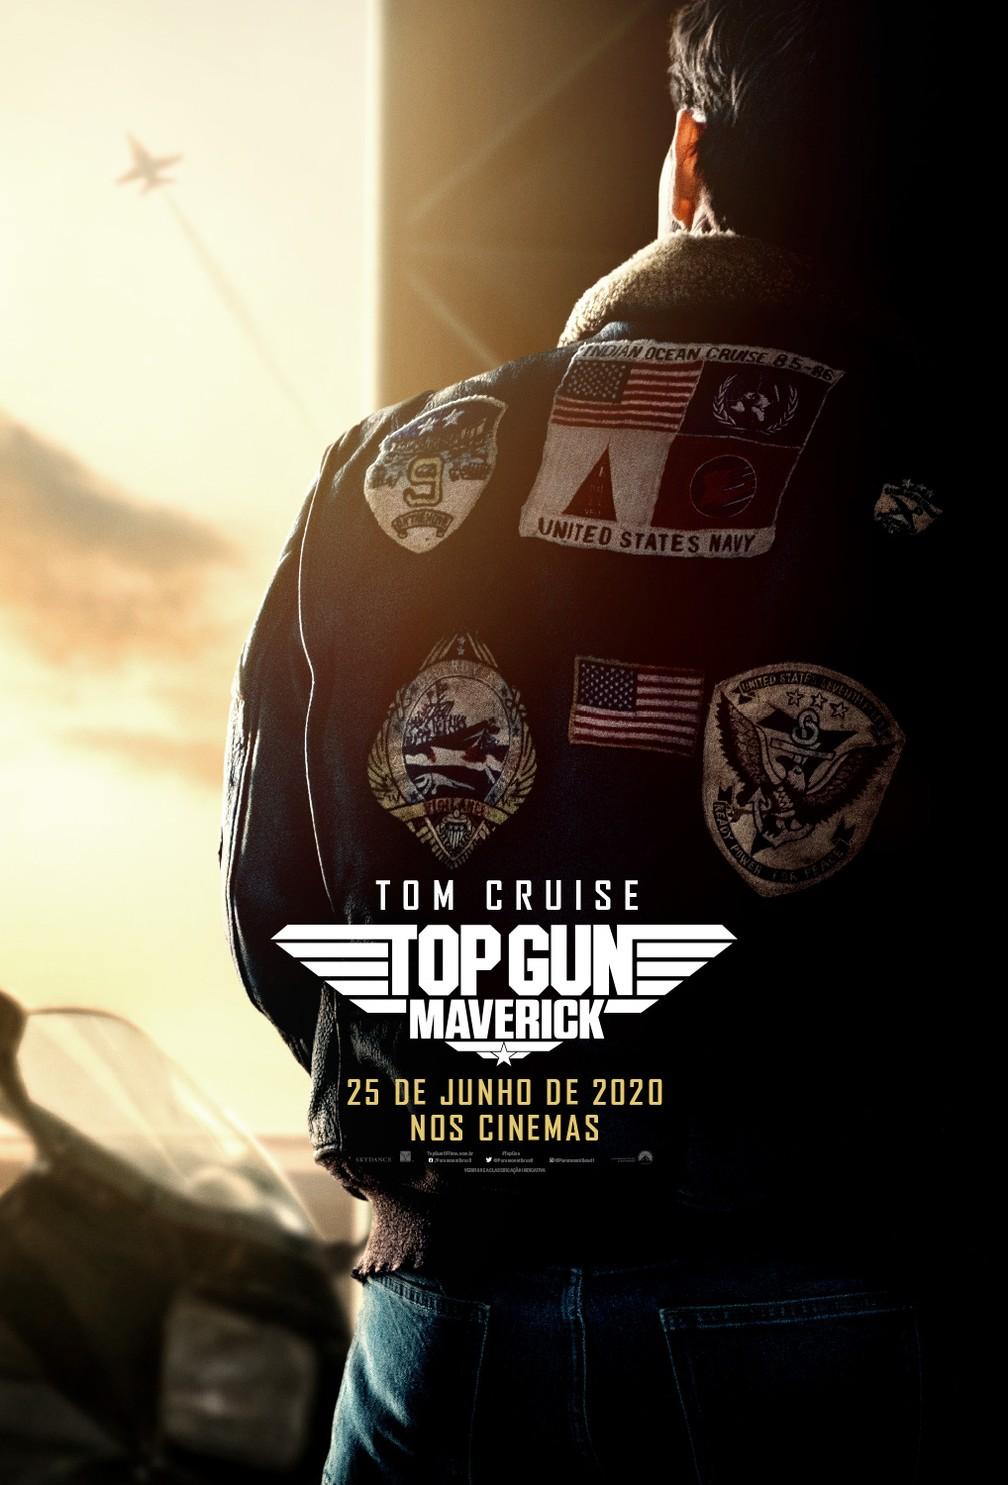 Baixar Top Gun 2 Maverick Torrent Dublado - BluRay 720p/1080p